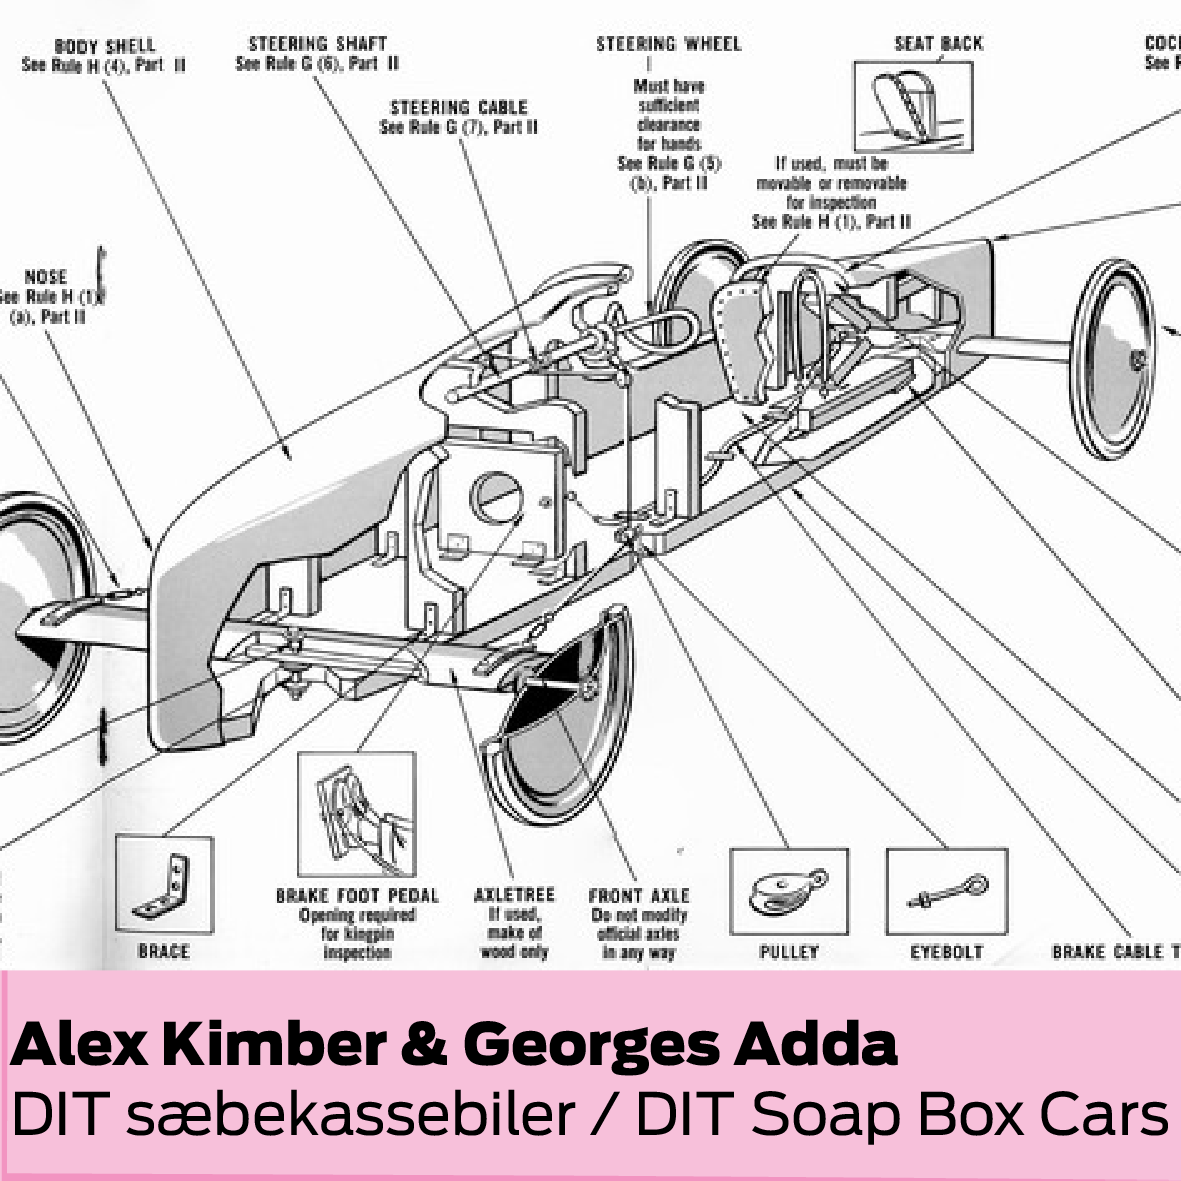 Copenhagen Fablab & Alex Kimber (DK): Byg og race med sæbekassebiler / Build and race with soap box cars